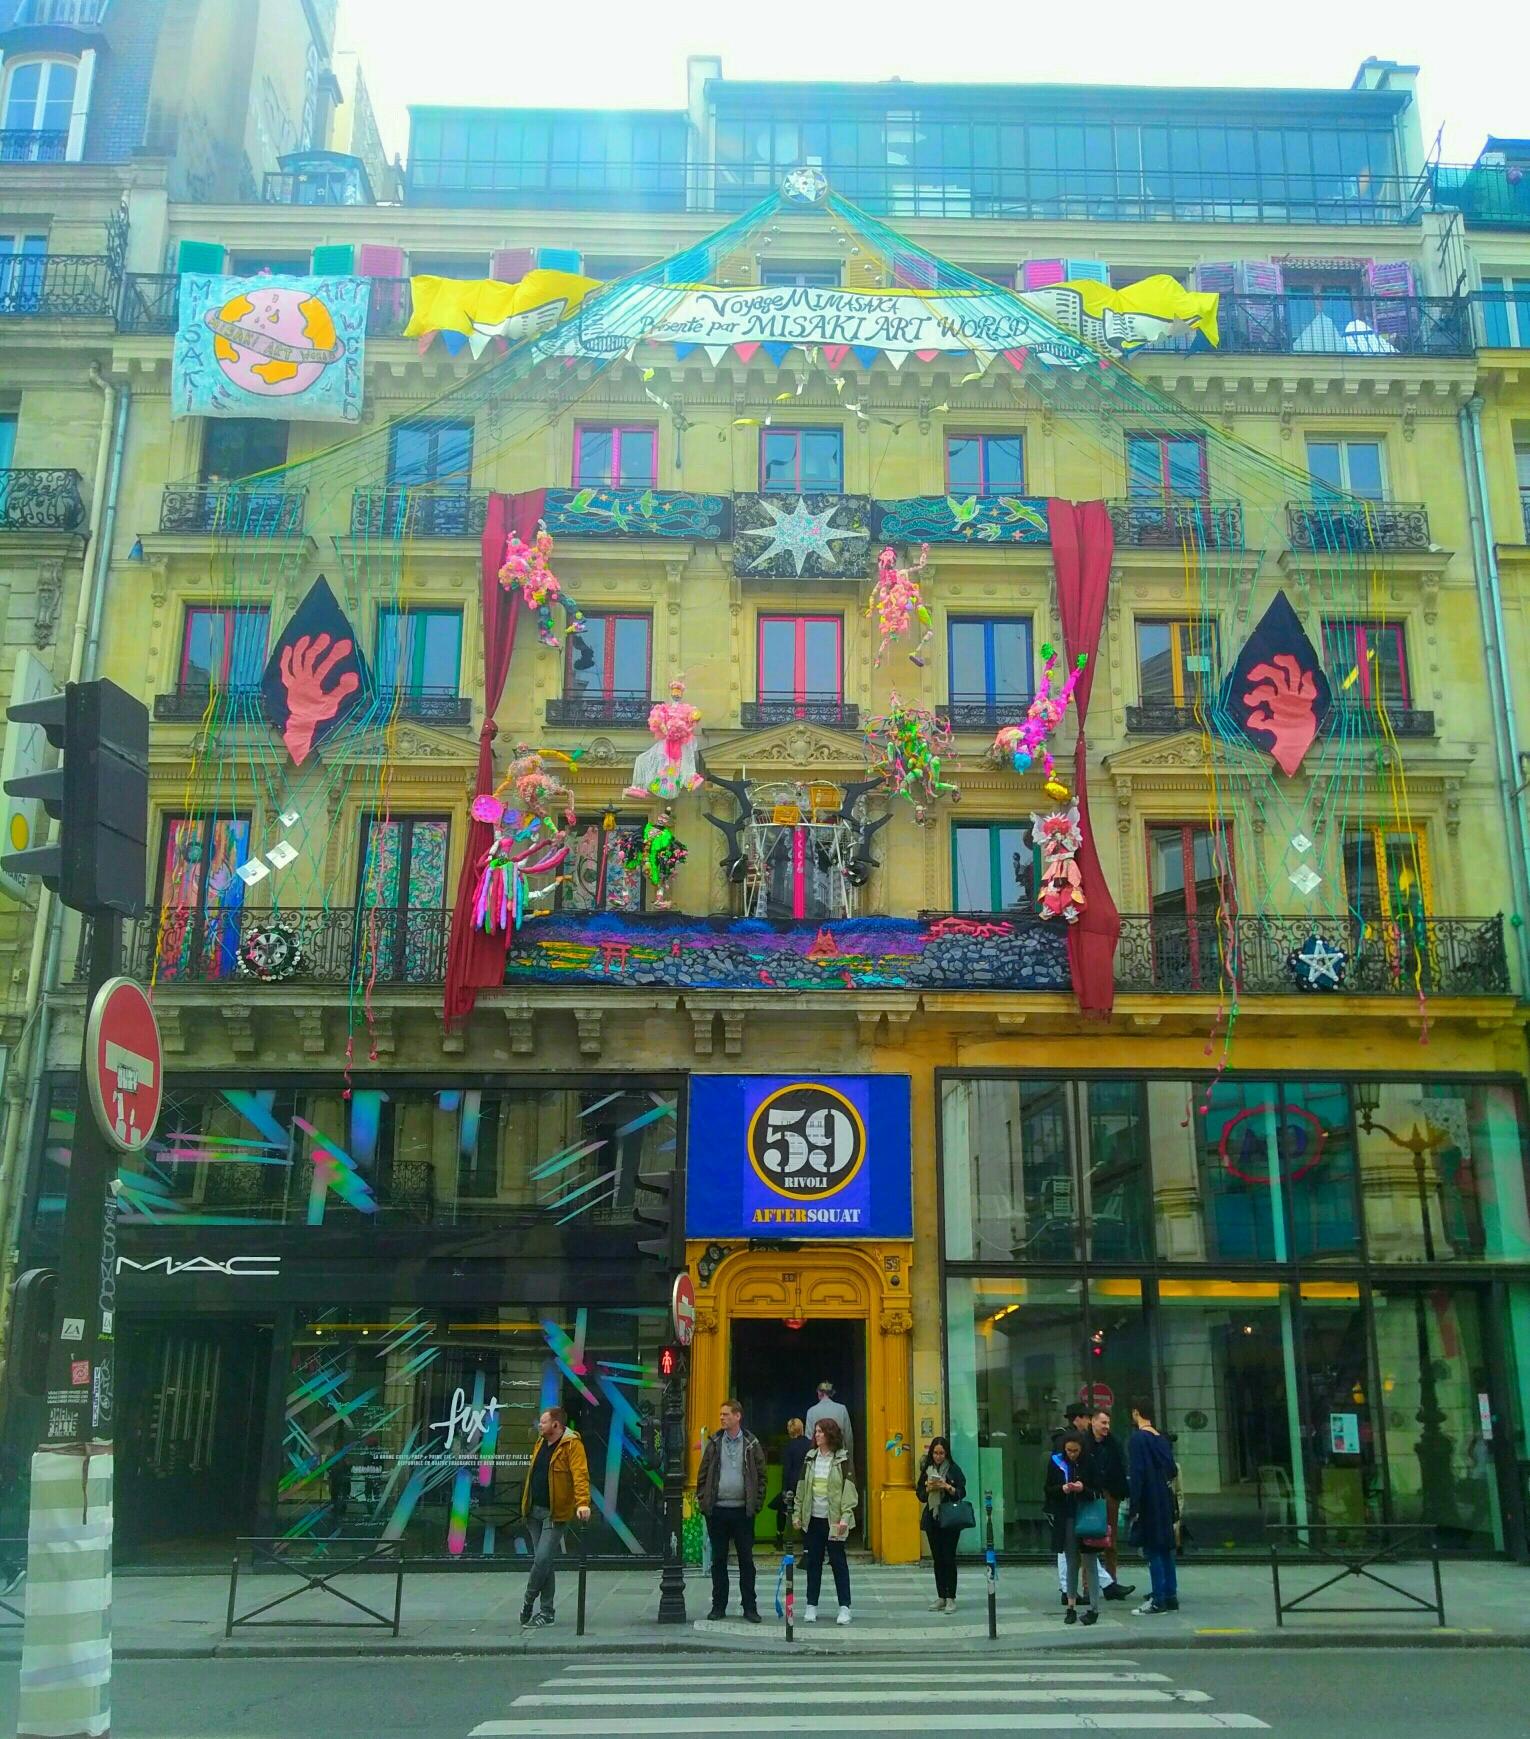 美咲芸術世界2018 プレイベント、パリと岡山県の芸術交流事業にて、パリの59Rivoli のファサードを装飾&パフォーマンスしました。展示期間2018.5/14~10/31(59Rivoli /パリ)このアートプロジェクトはKSBテレビさんに渡仏前から密着取材をして頂き、スーパーJチャンネル6/5放送にて取り上げてもらいました。→https://youtu.be/w7w26x_2UnY。